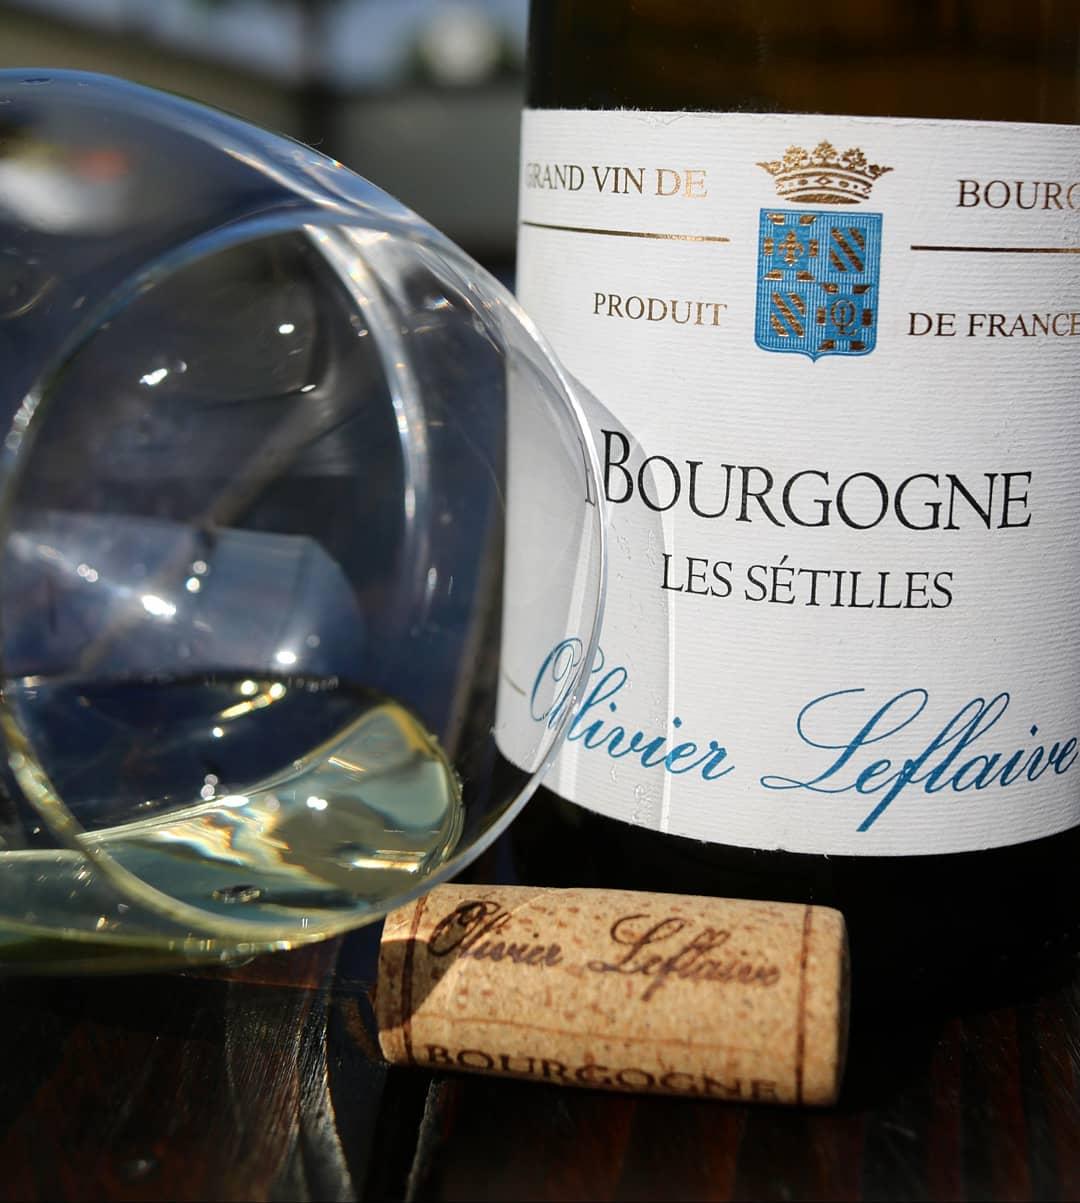 Olivier LEflaive Bourgogne.jpg